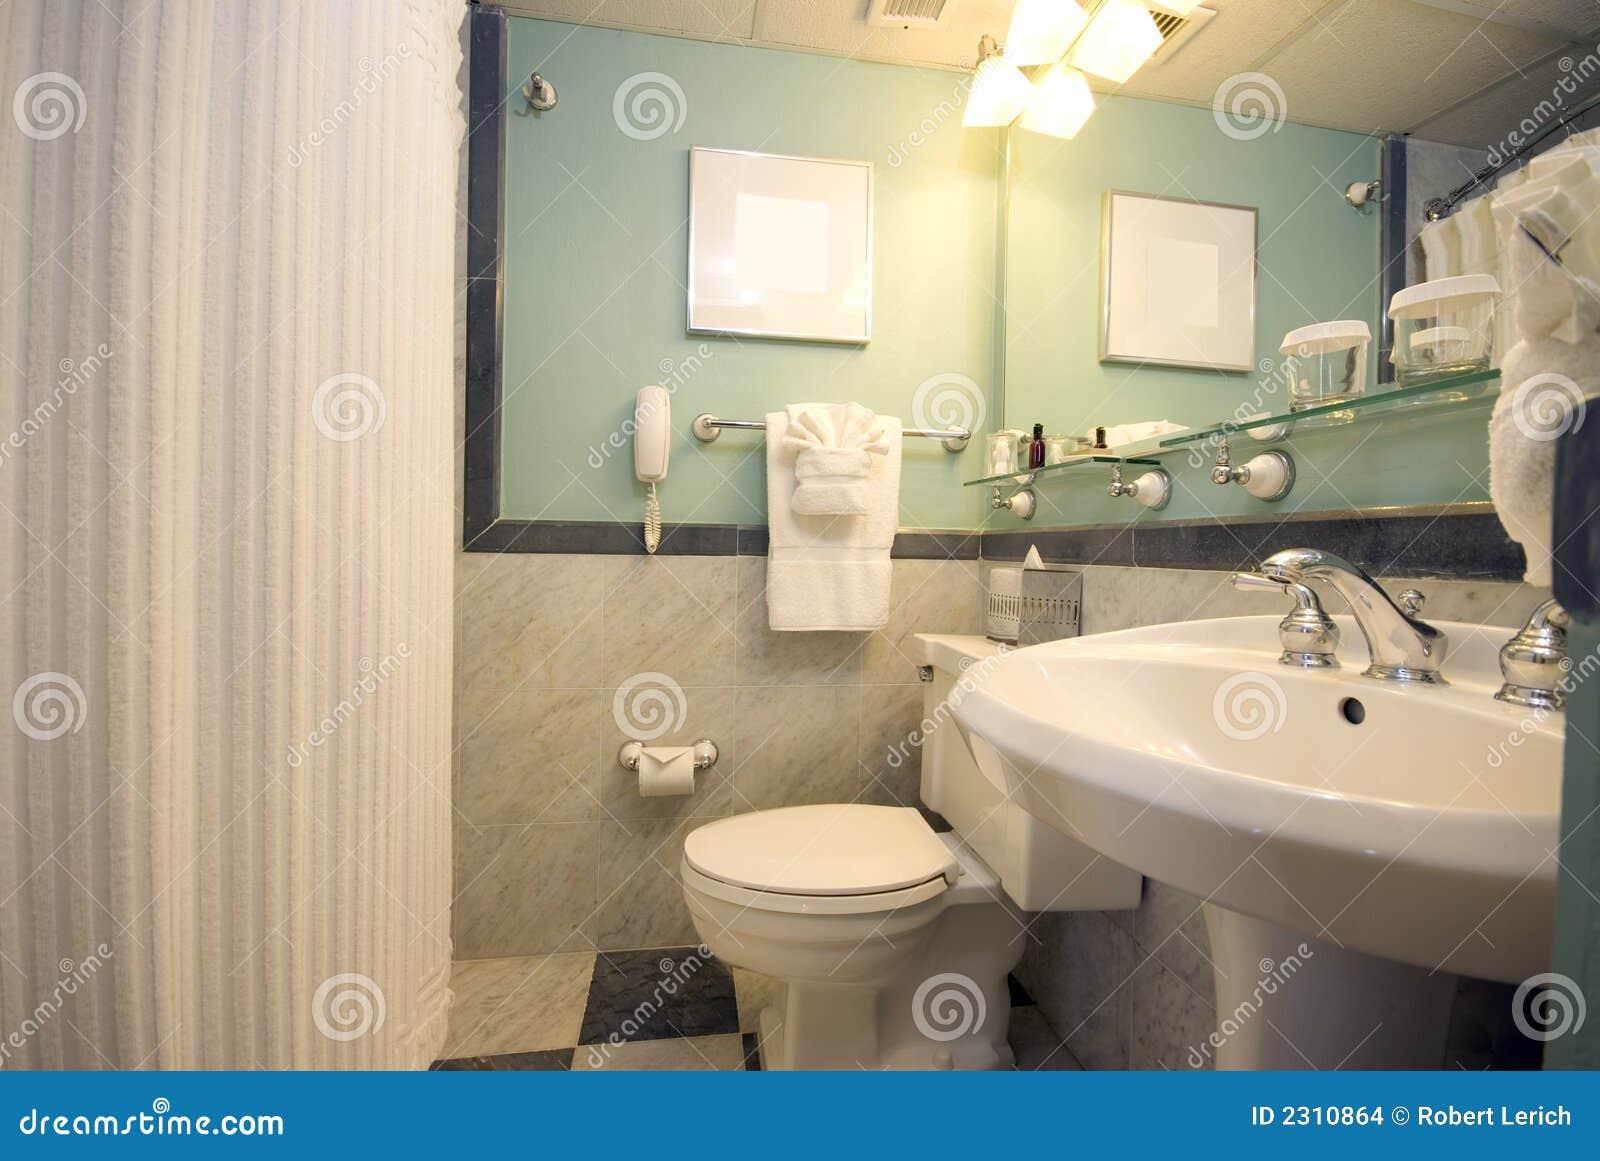 Banheiro Do Hotel De Luxo Imagens de Stock Imagem: 2310864 #82A328 1300 960